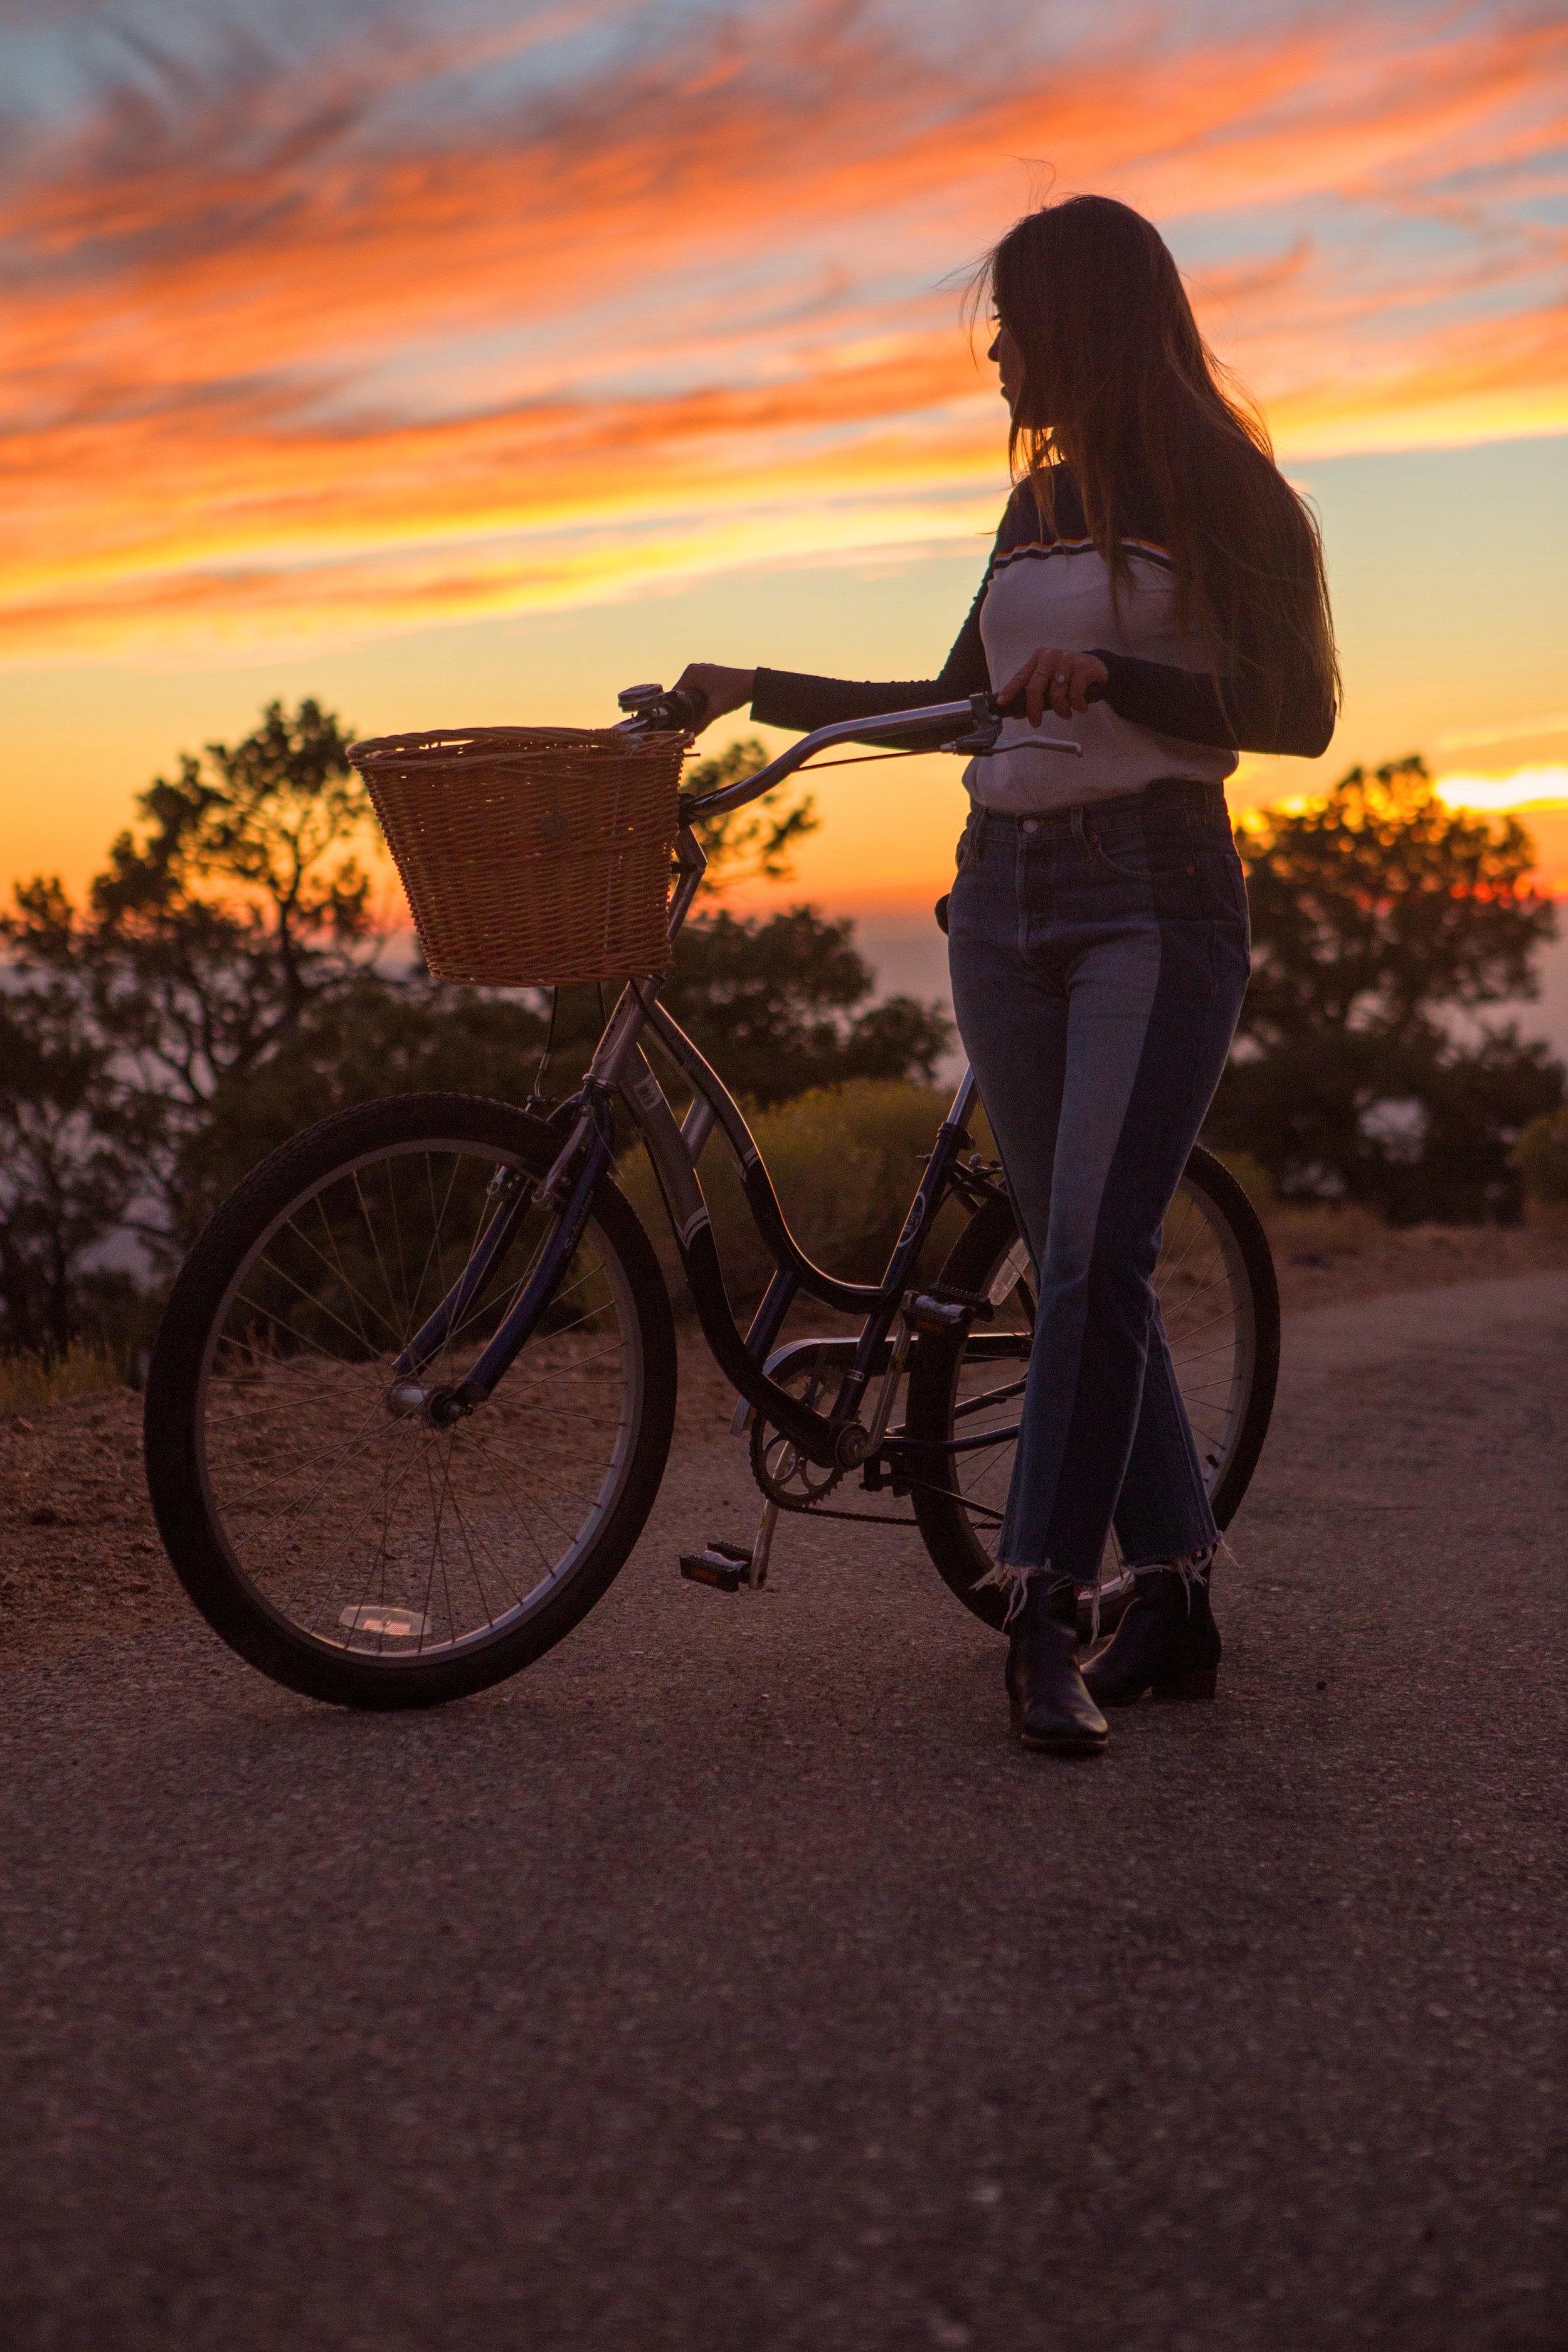 AstroBandit_JordanRose_Revere_Sunset_Bike_Ride_California_Mountains_6.jpg